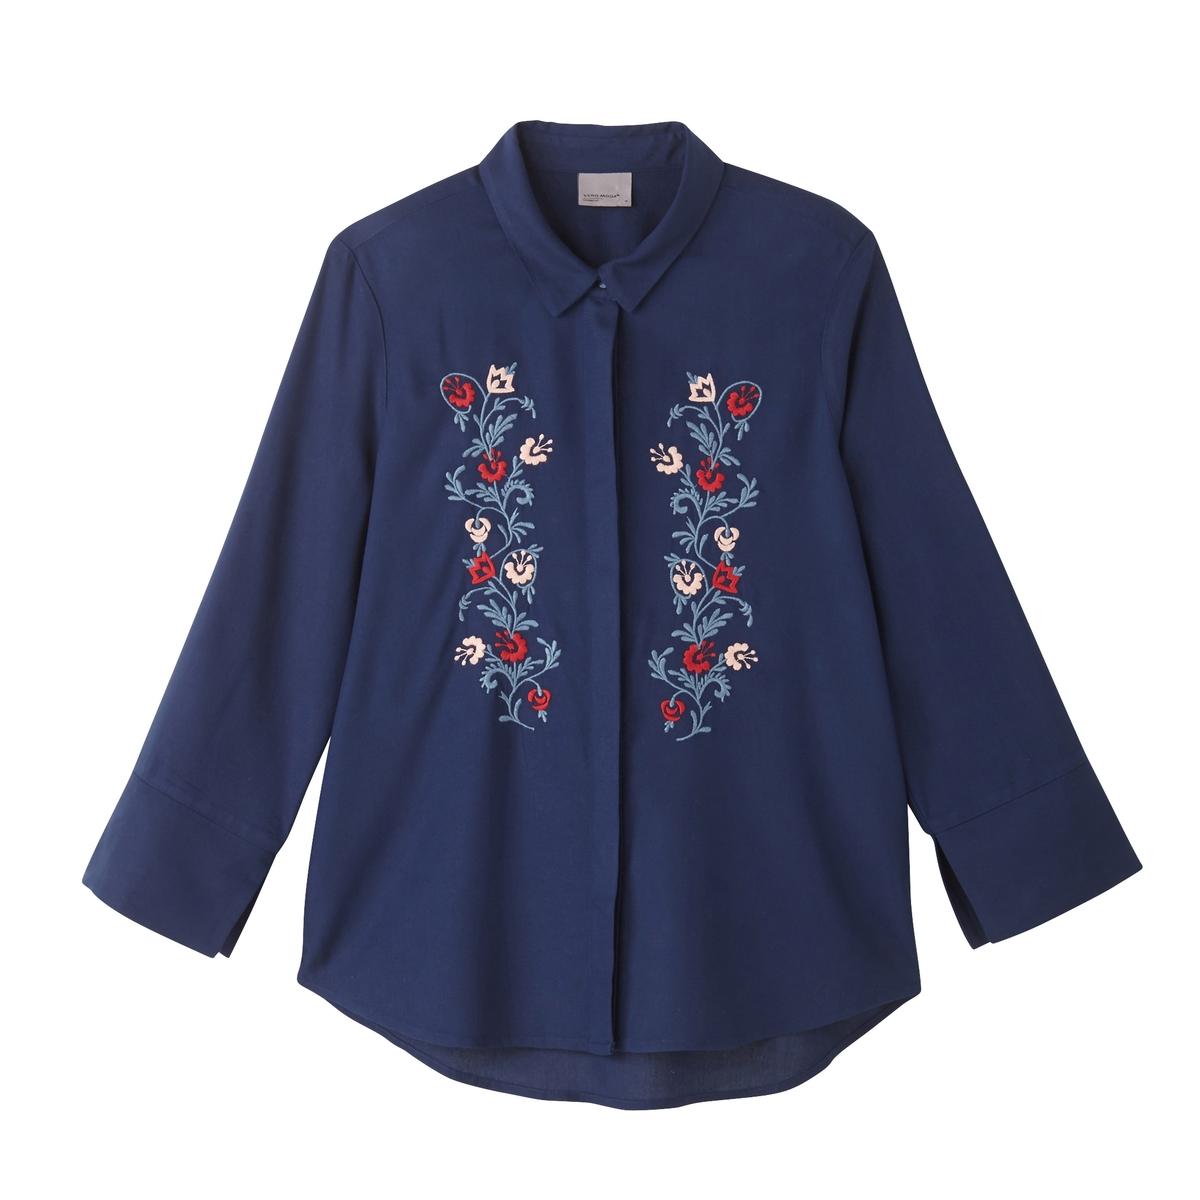 Рубашка однотонная с воротником-поло и длинными рукавамиДетали •  Длинные рукава •  Прямой покрой  •  Воротник-поло, рубашечный Состав и уход •  100% вискоза •  Следуйте советам по уходу, указанным на этикетке<br><br>Цвет: синий морской<br>Размер: XL